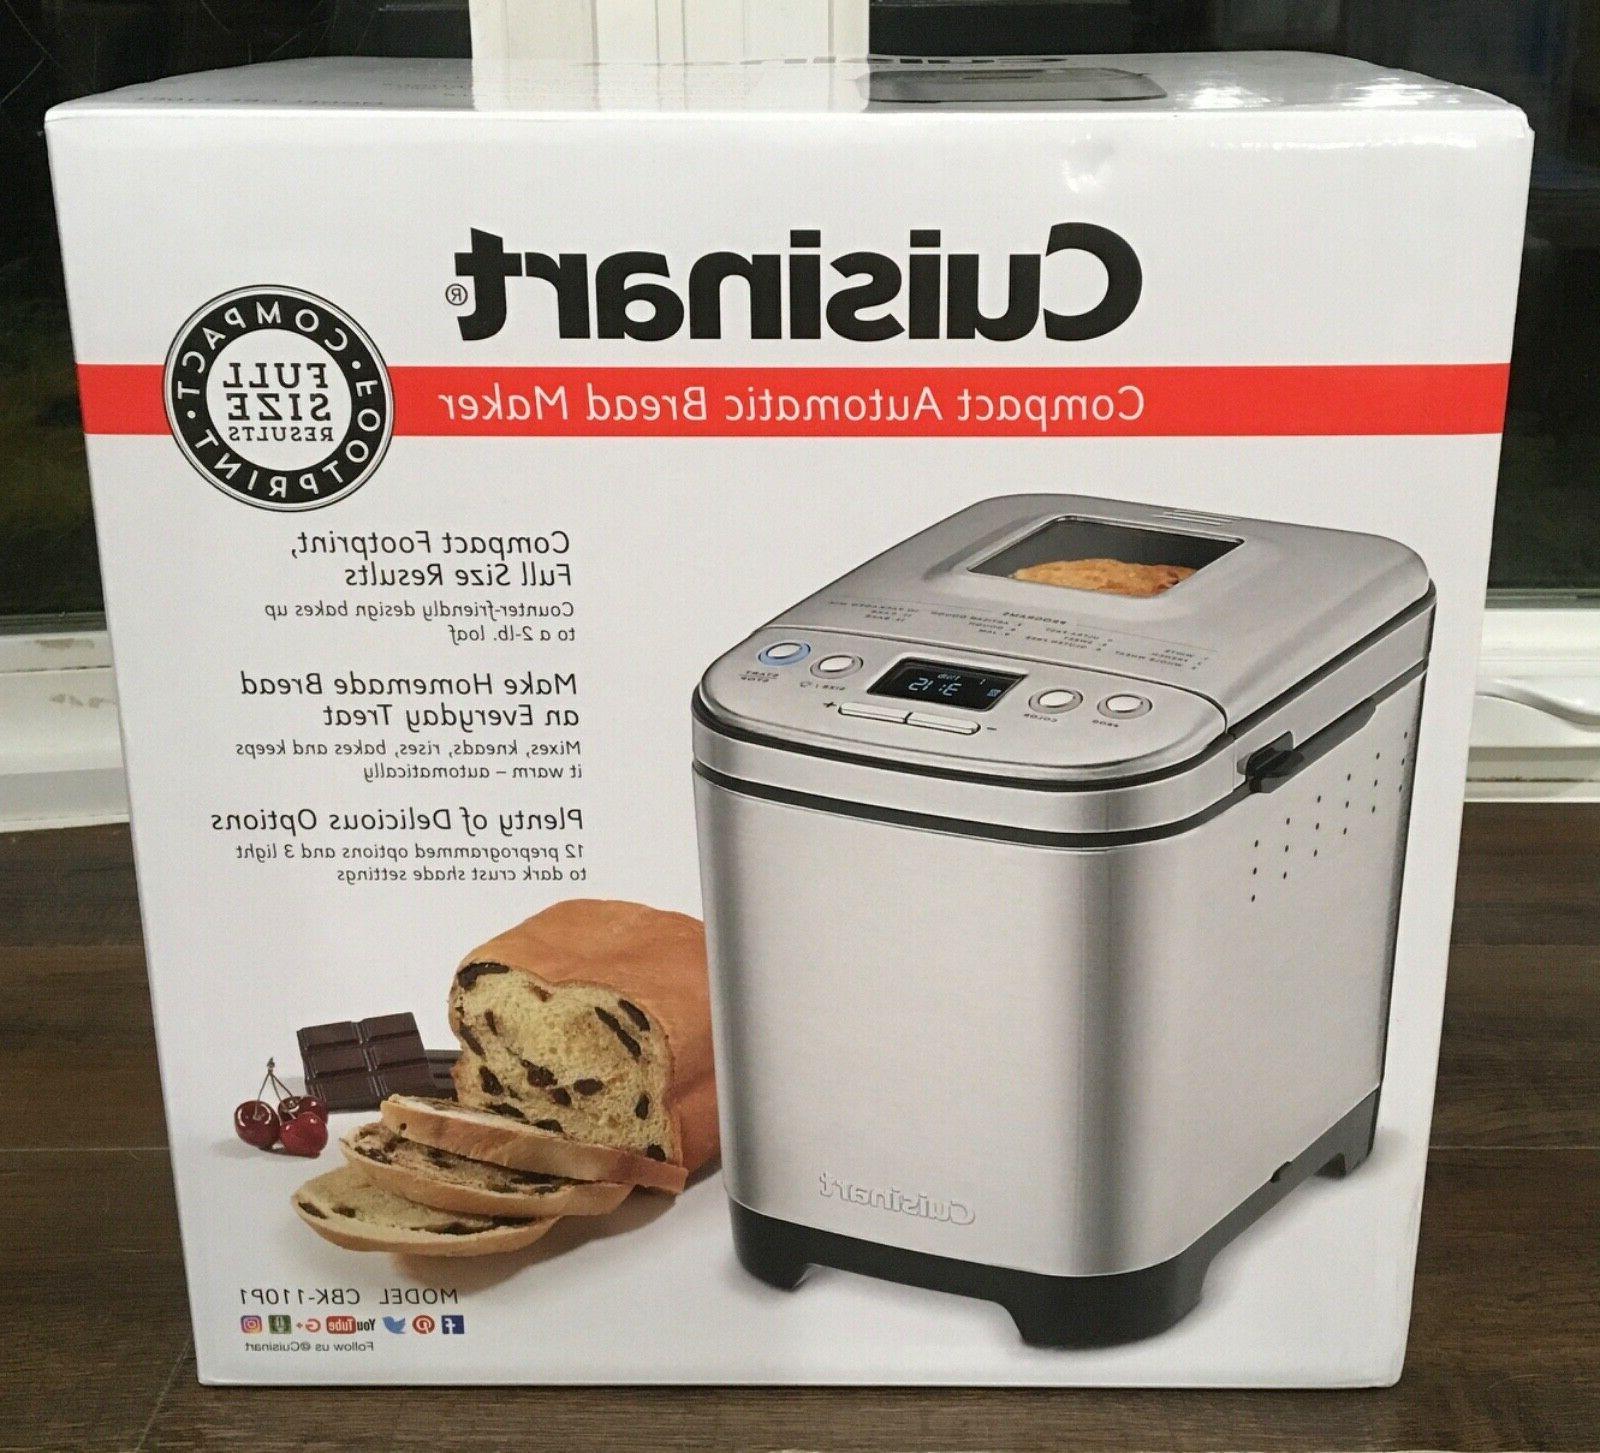 cbk 110 p1 automatic bread maker new